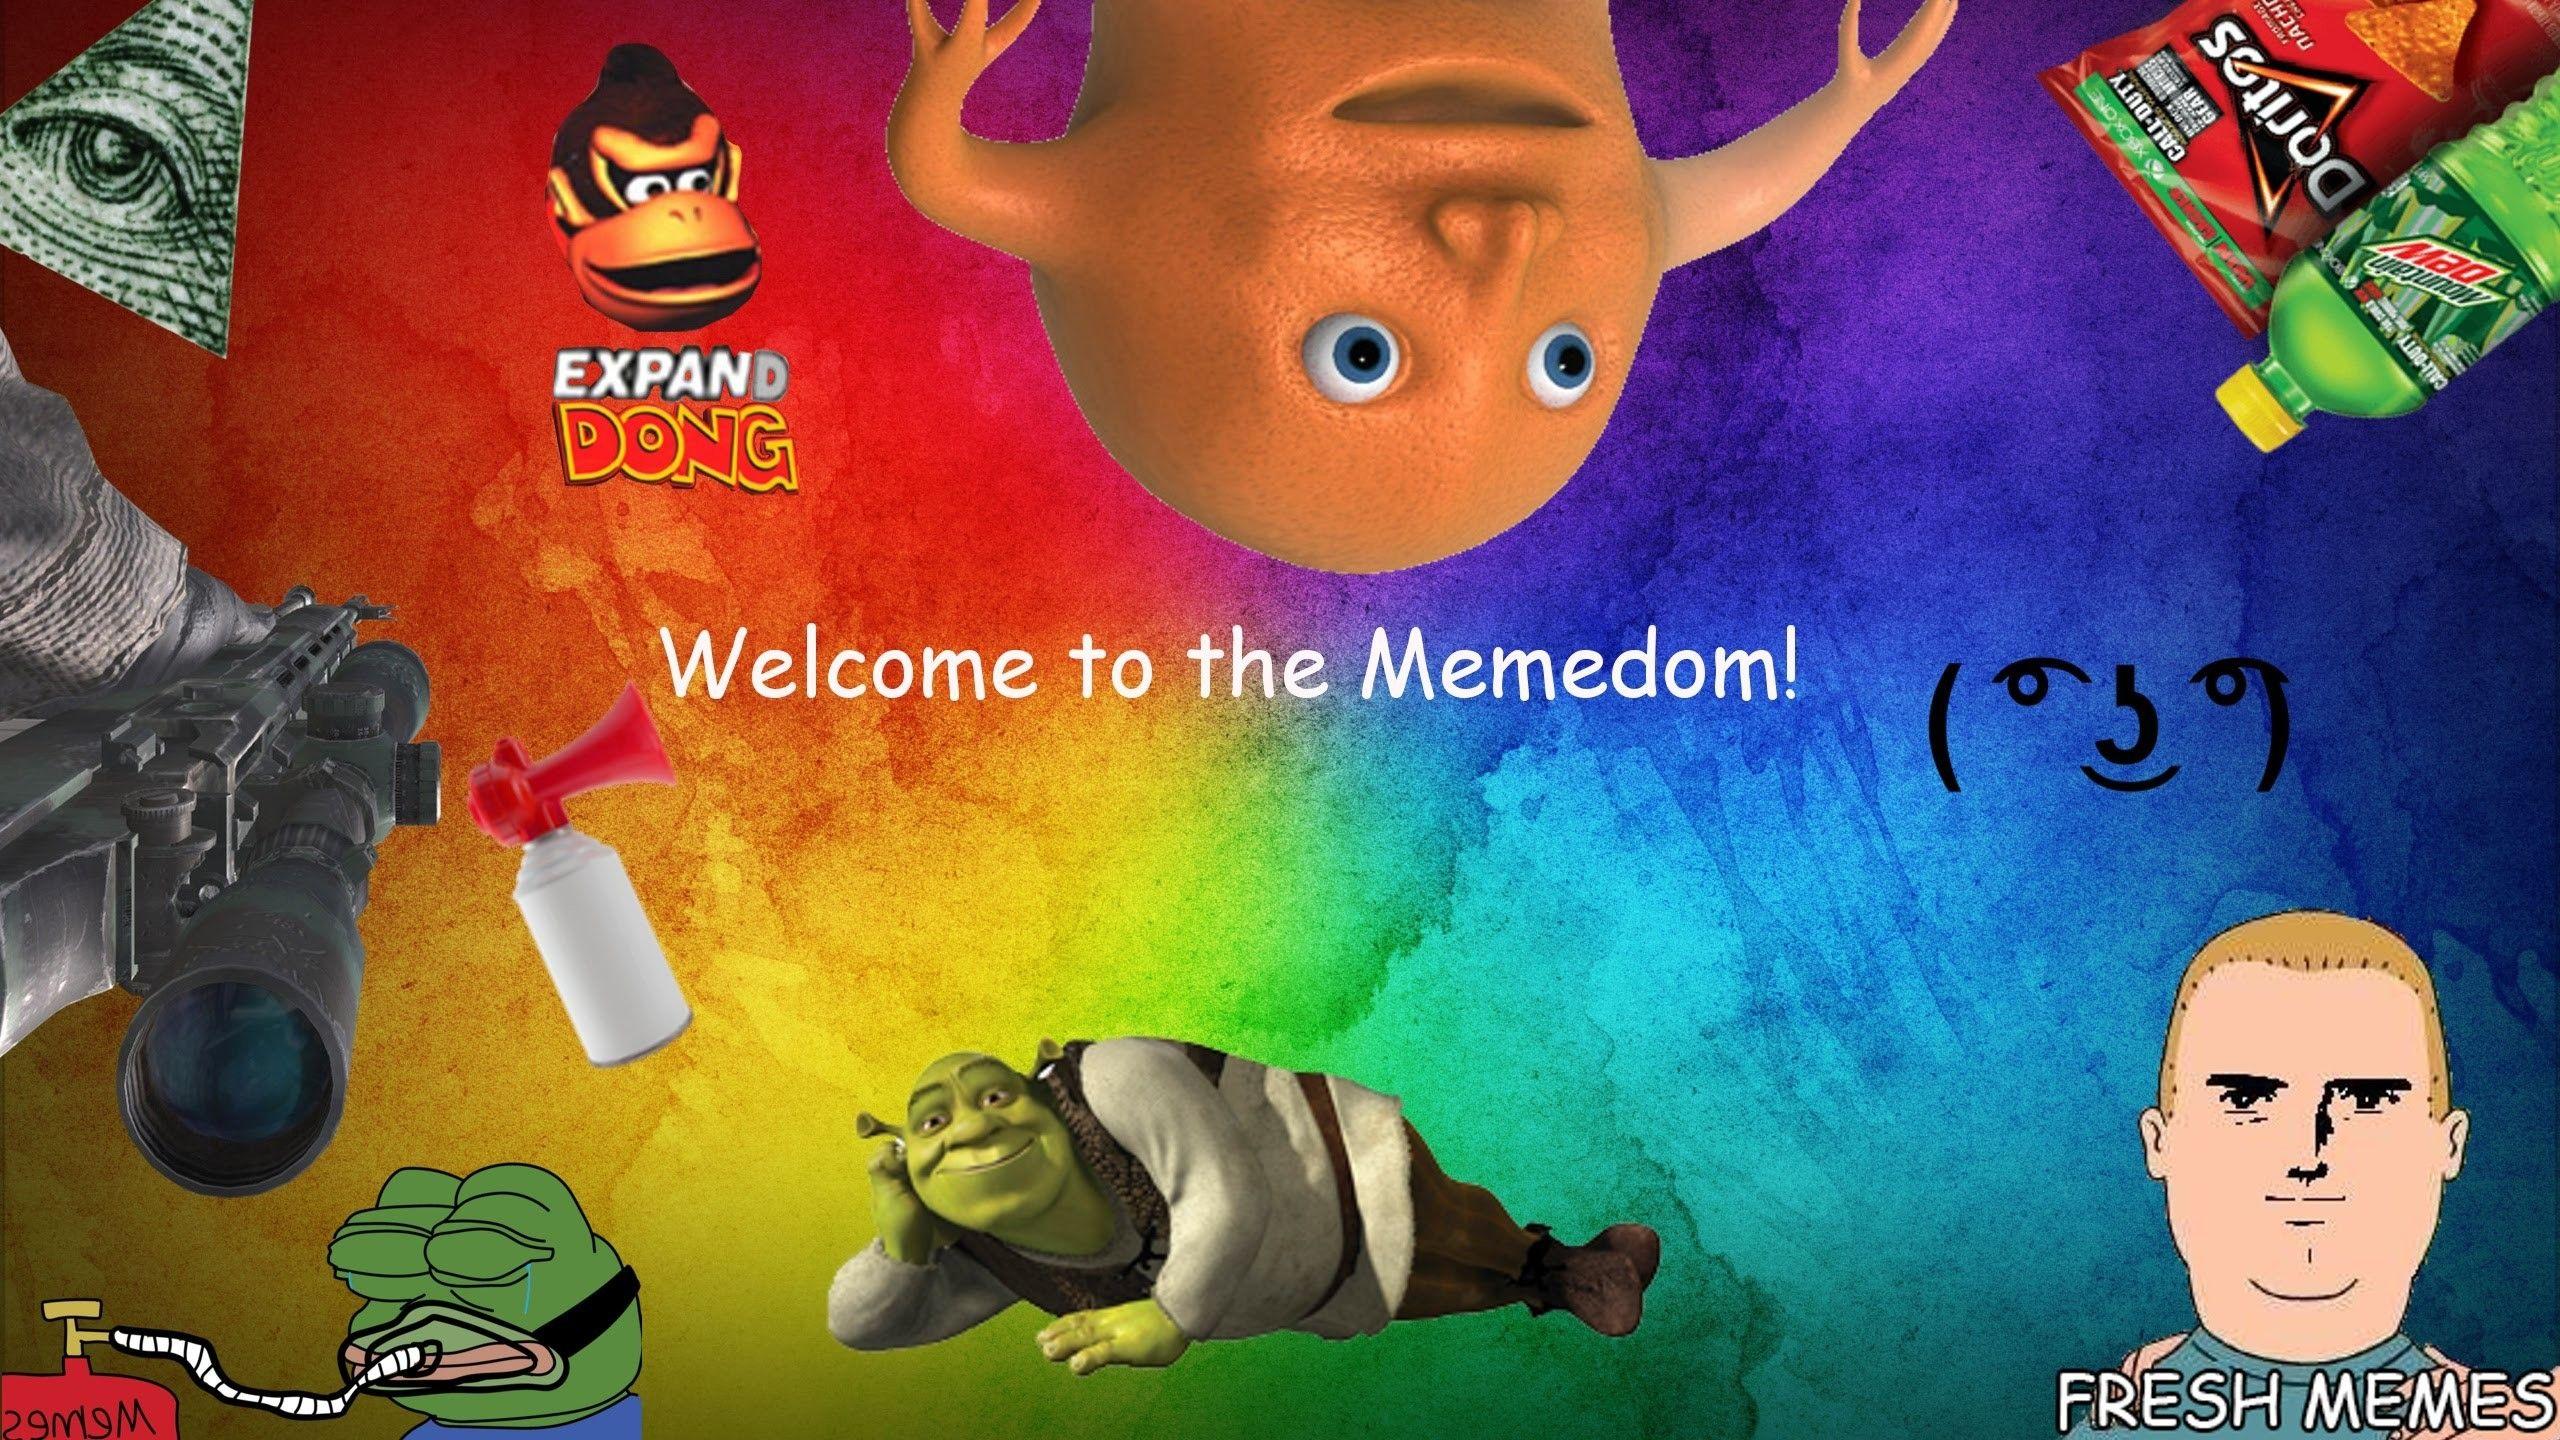 73 Dank Meme Wallpapers On Wallpaperplay Memes Fresh Memes Meme Background